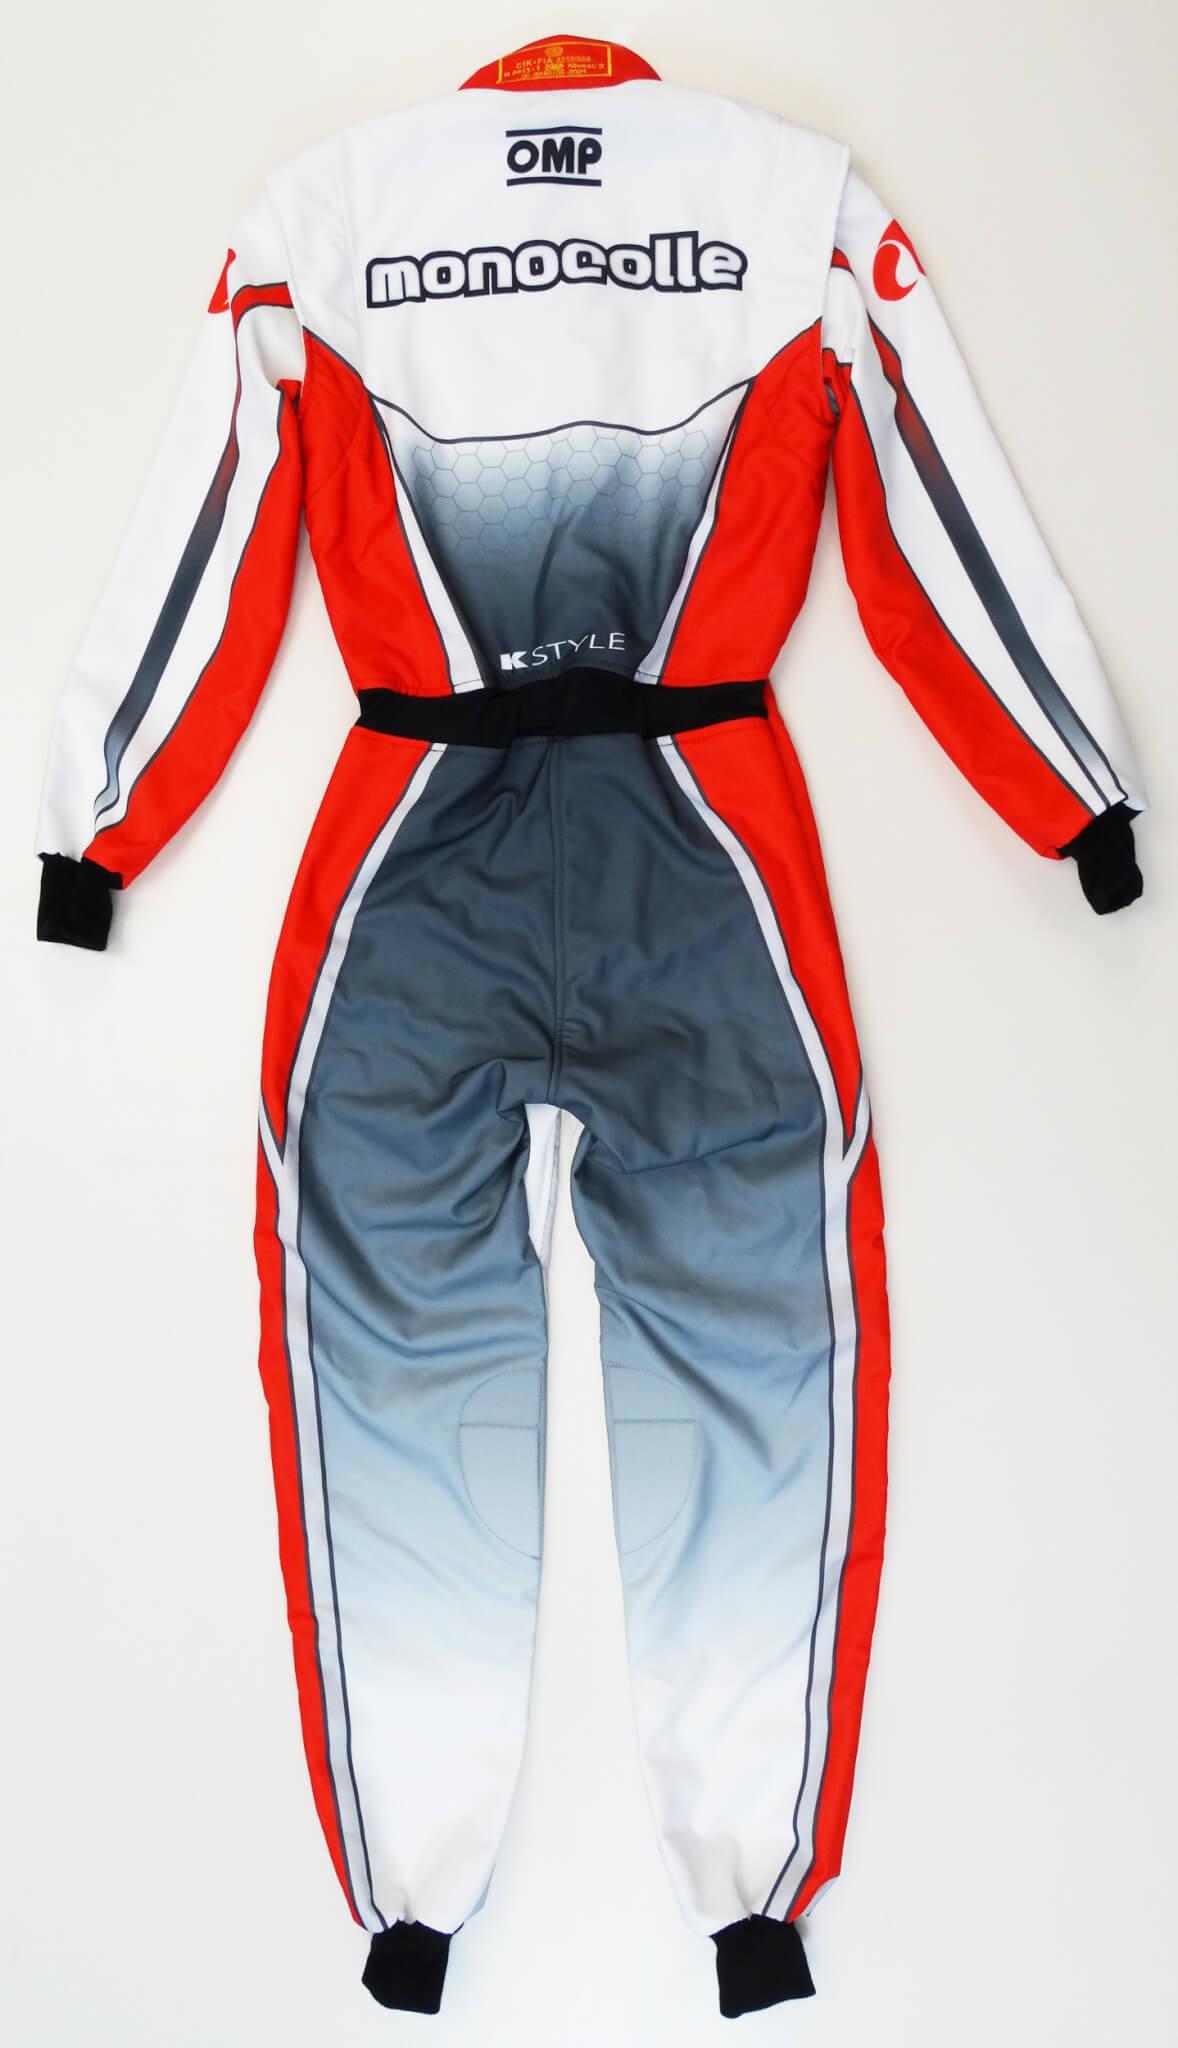 monocolle-suit-003